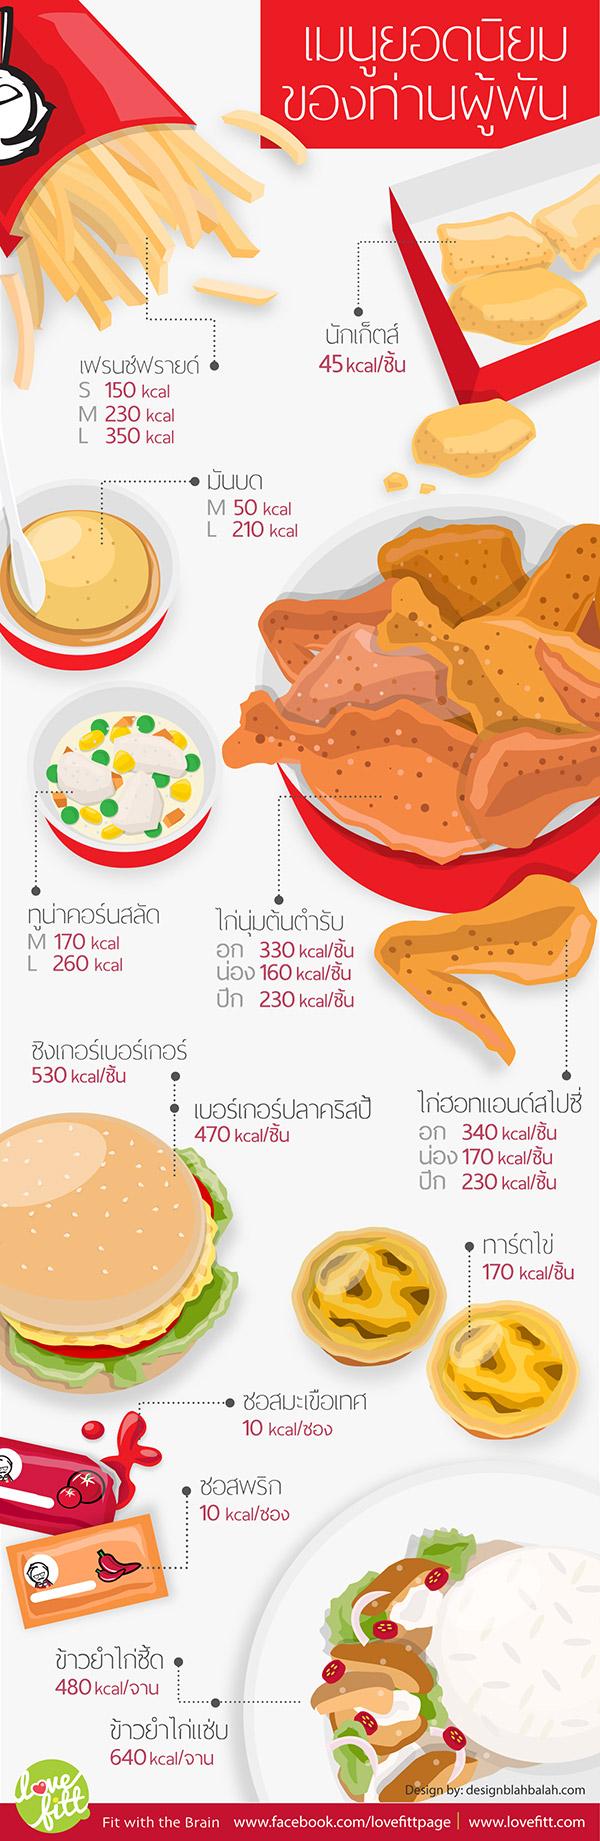 Fitt Calories